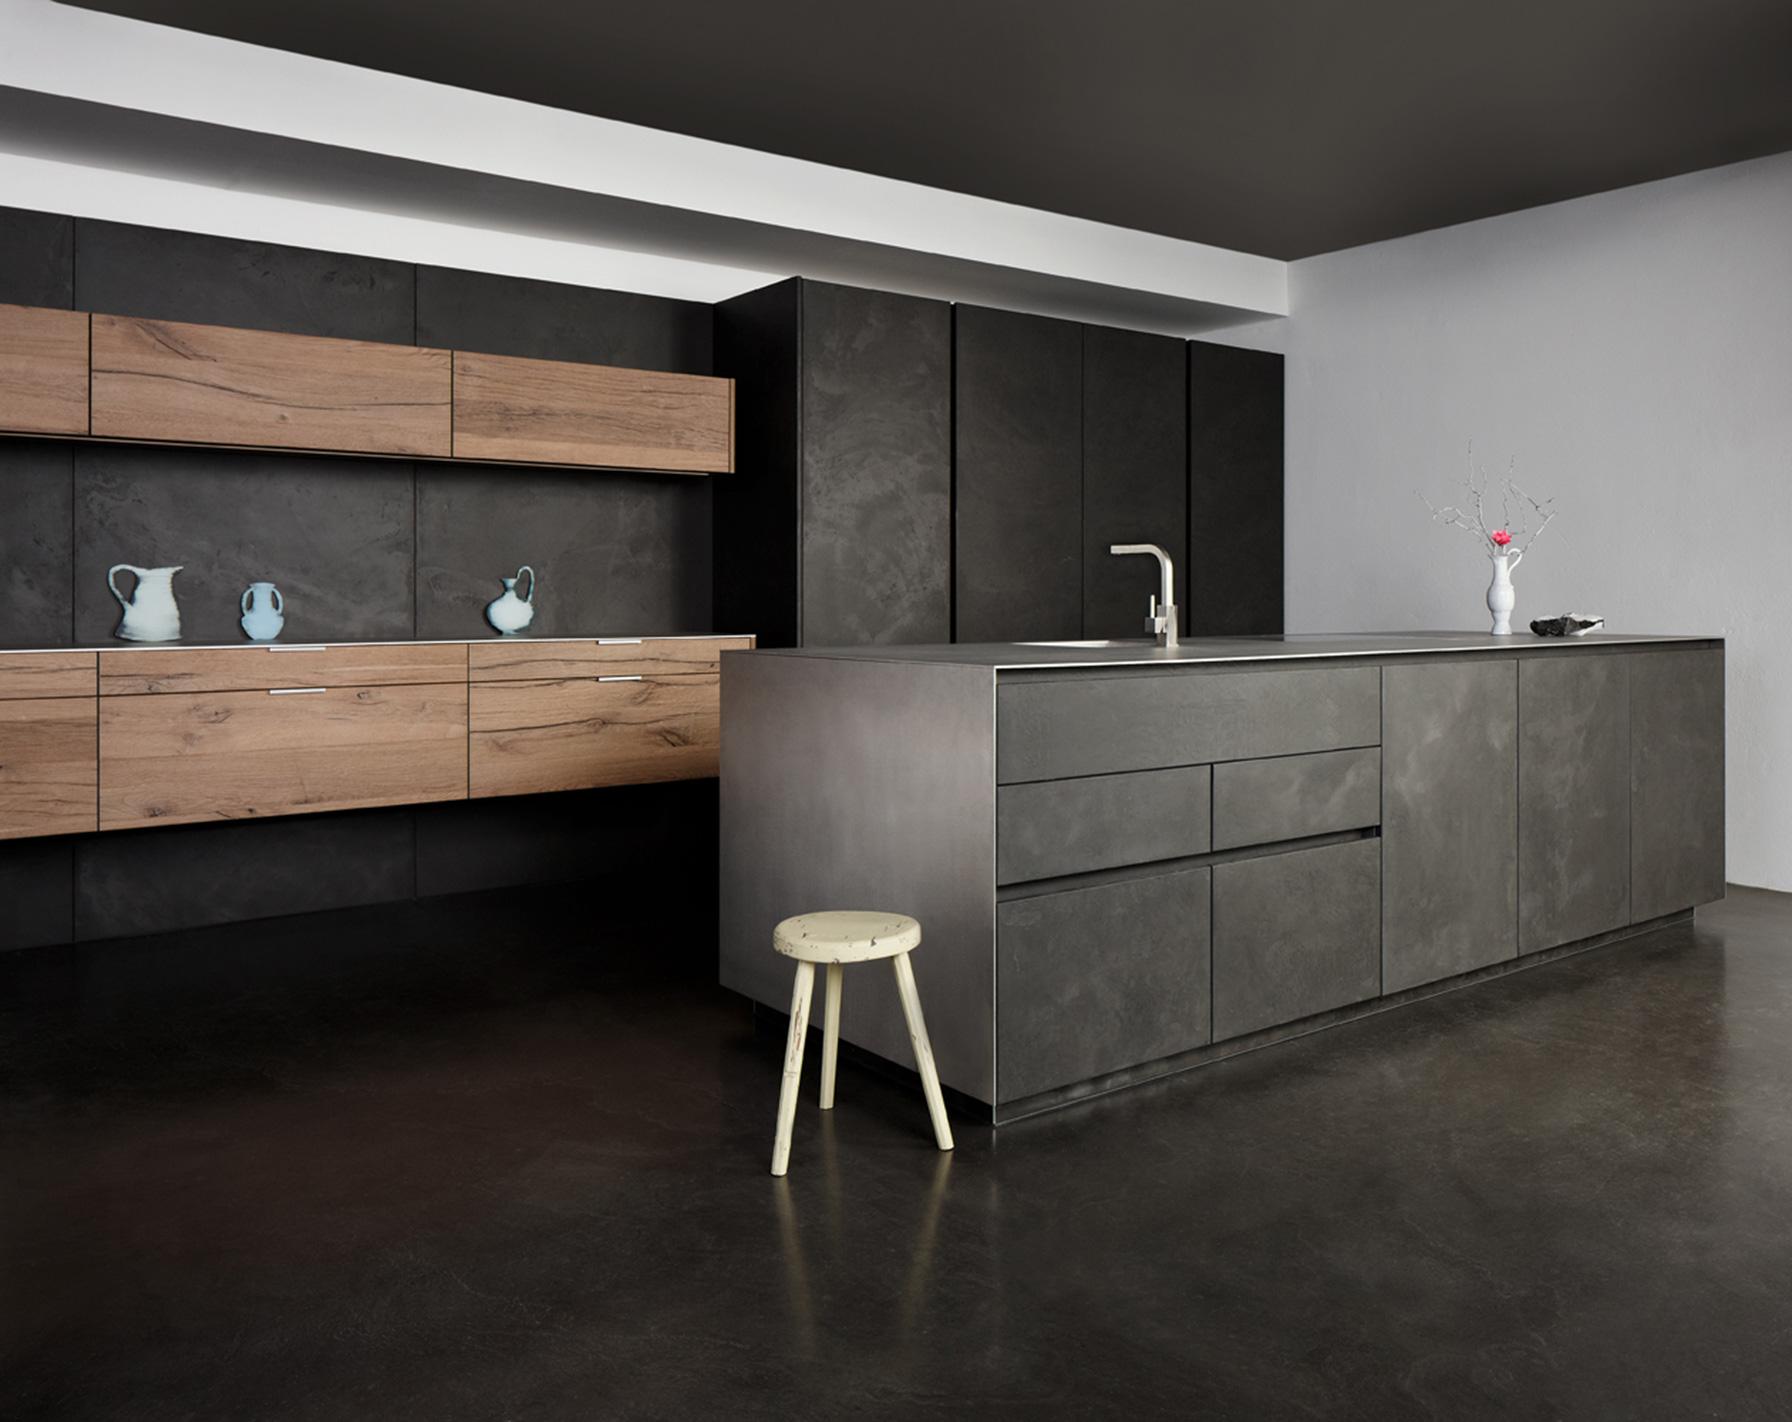 Ungewöhnlich Traum Hersteller Bad Und Küche Galerie - Küche Set ...